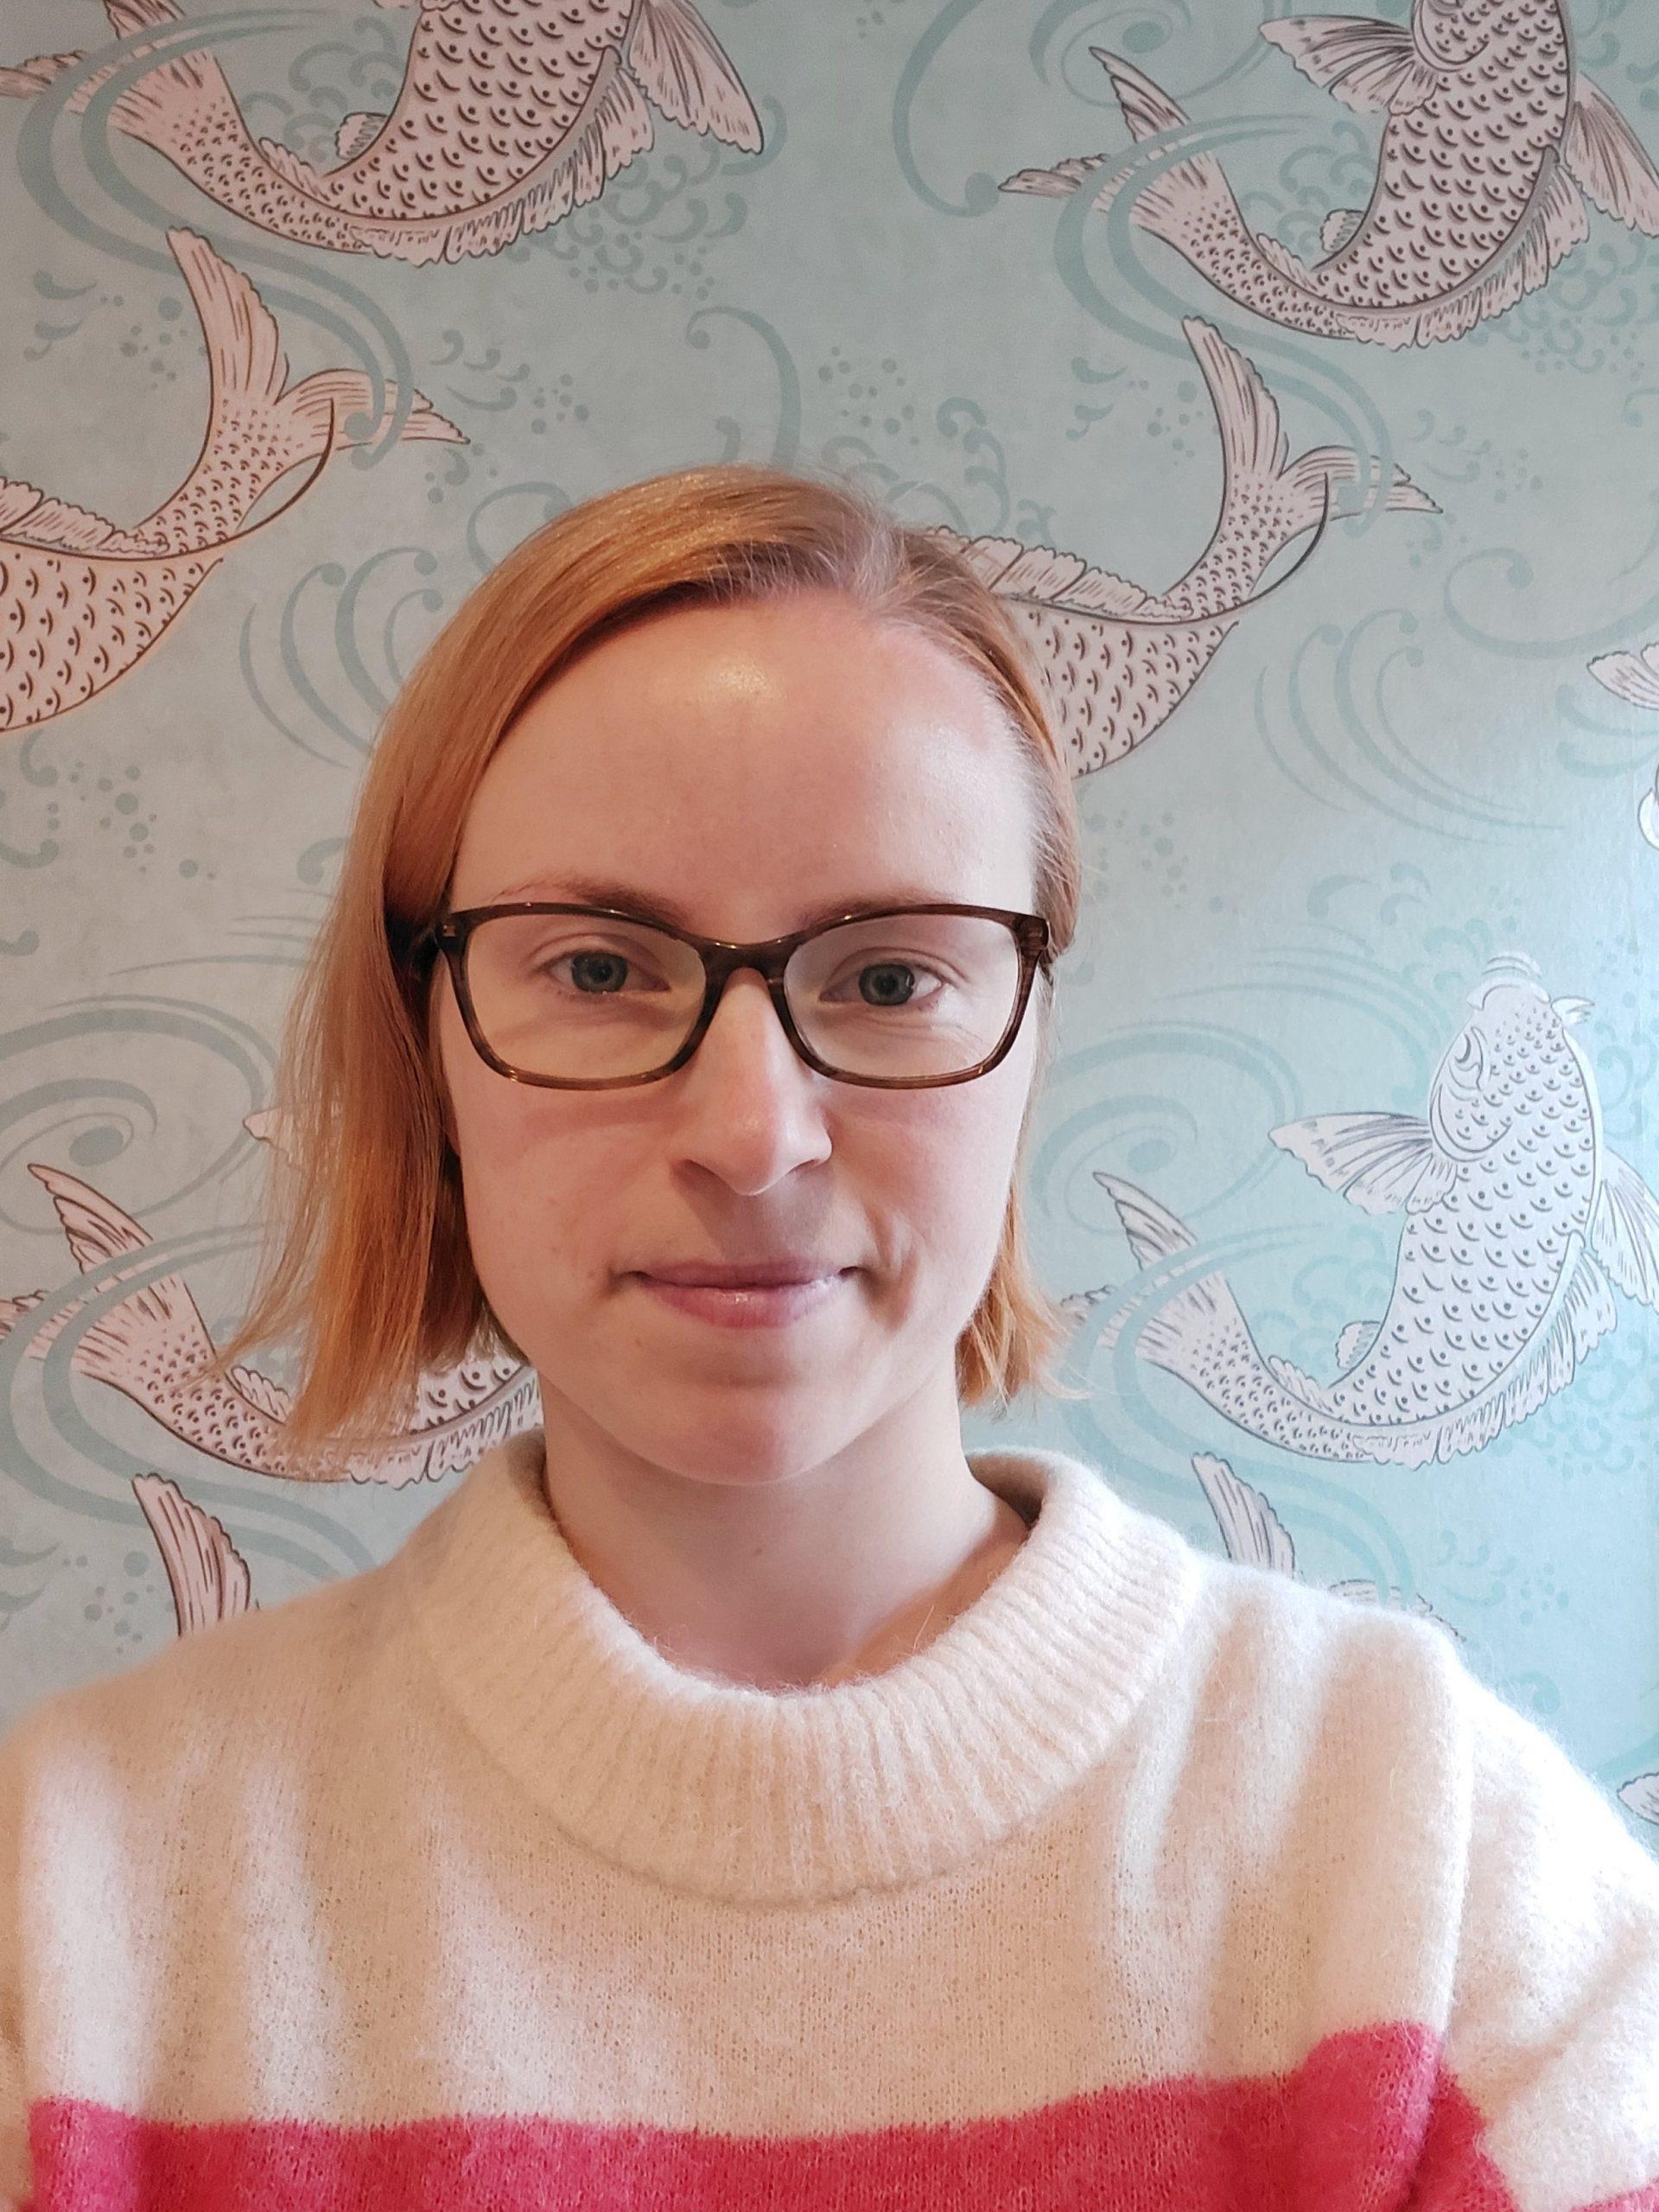 Henriikka Kangaskosken kuva.